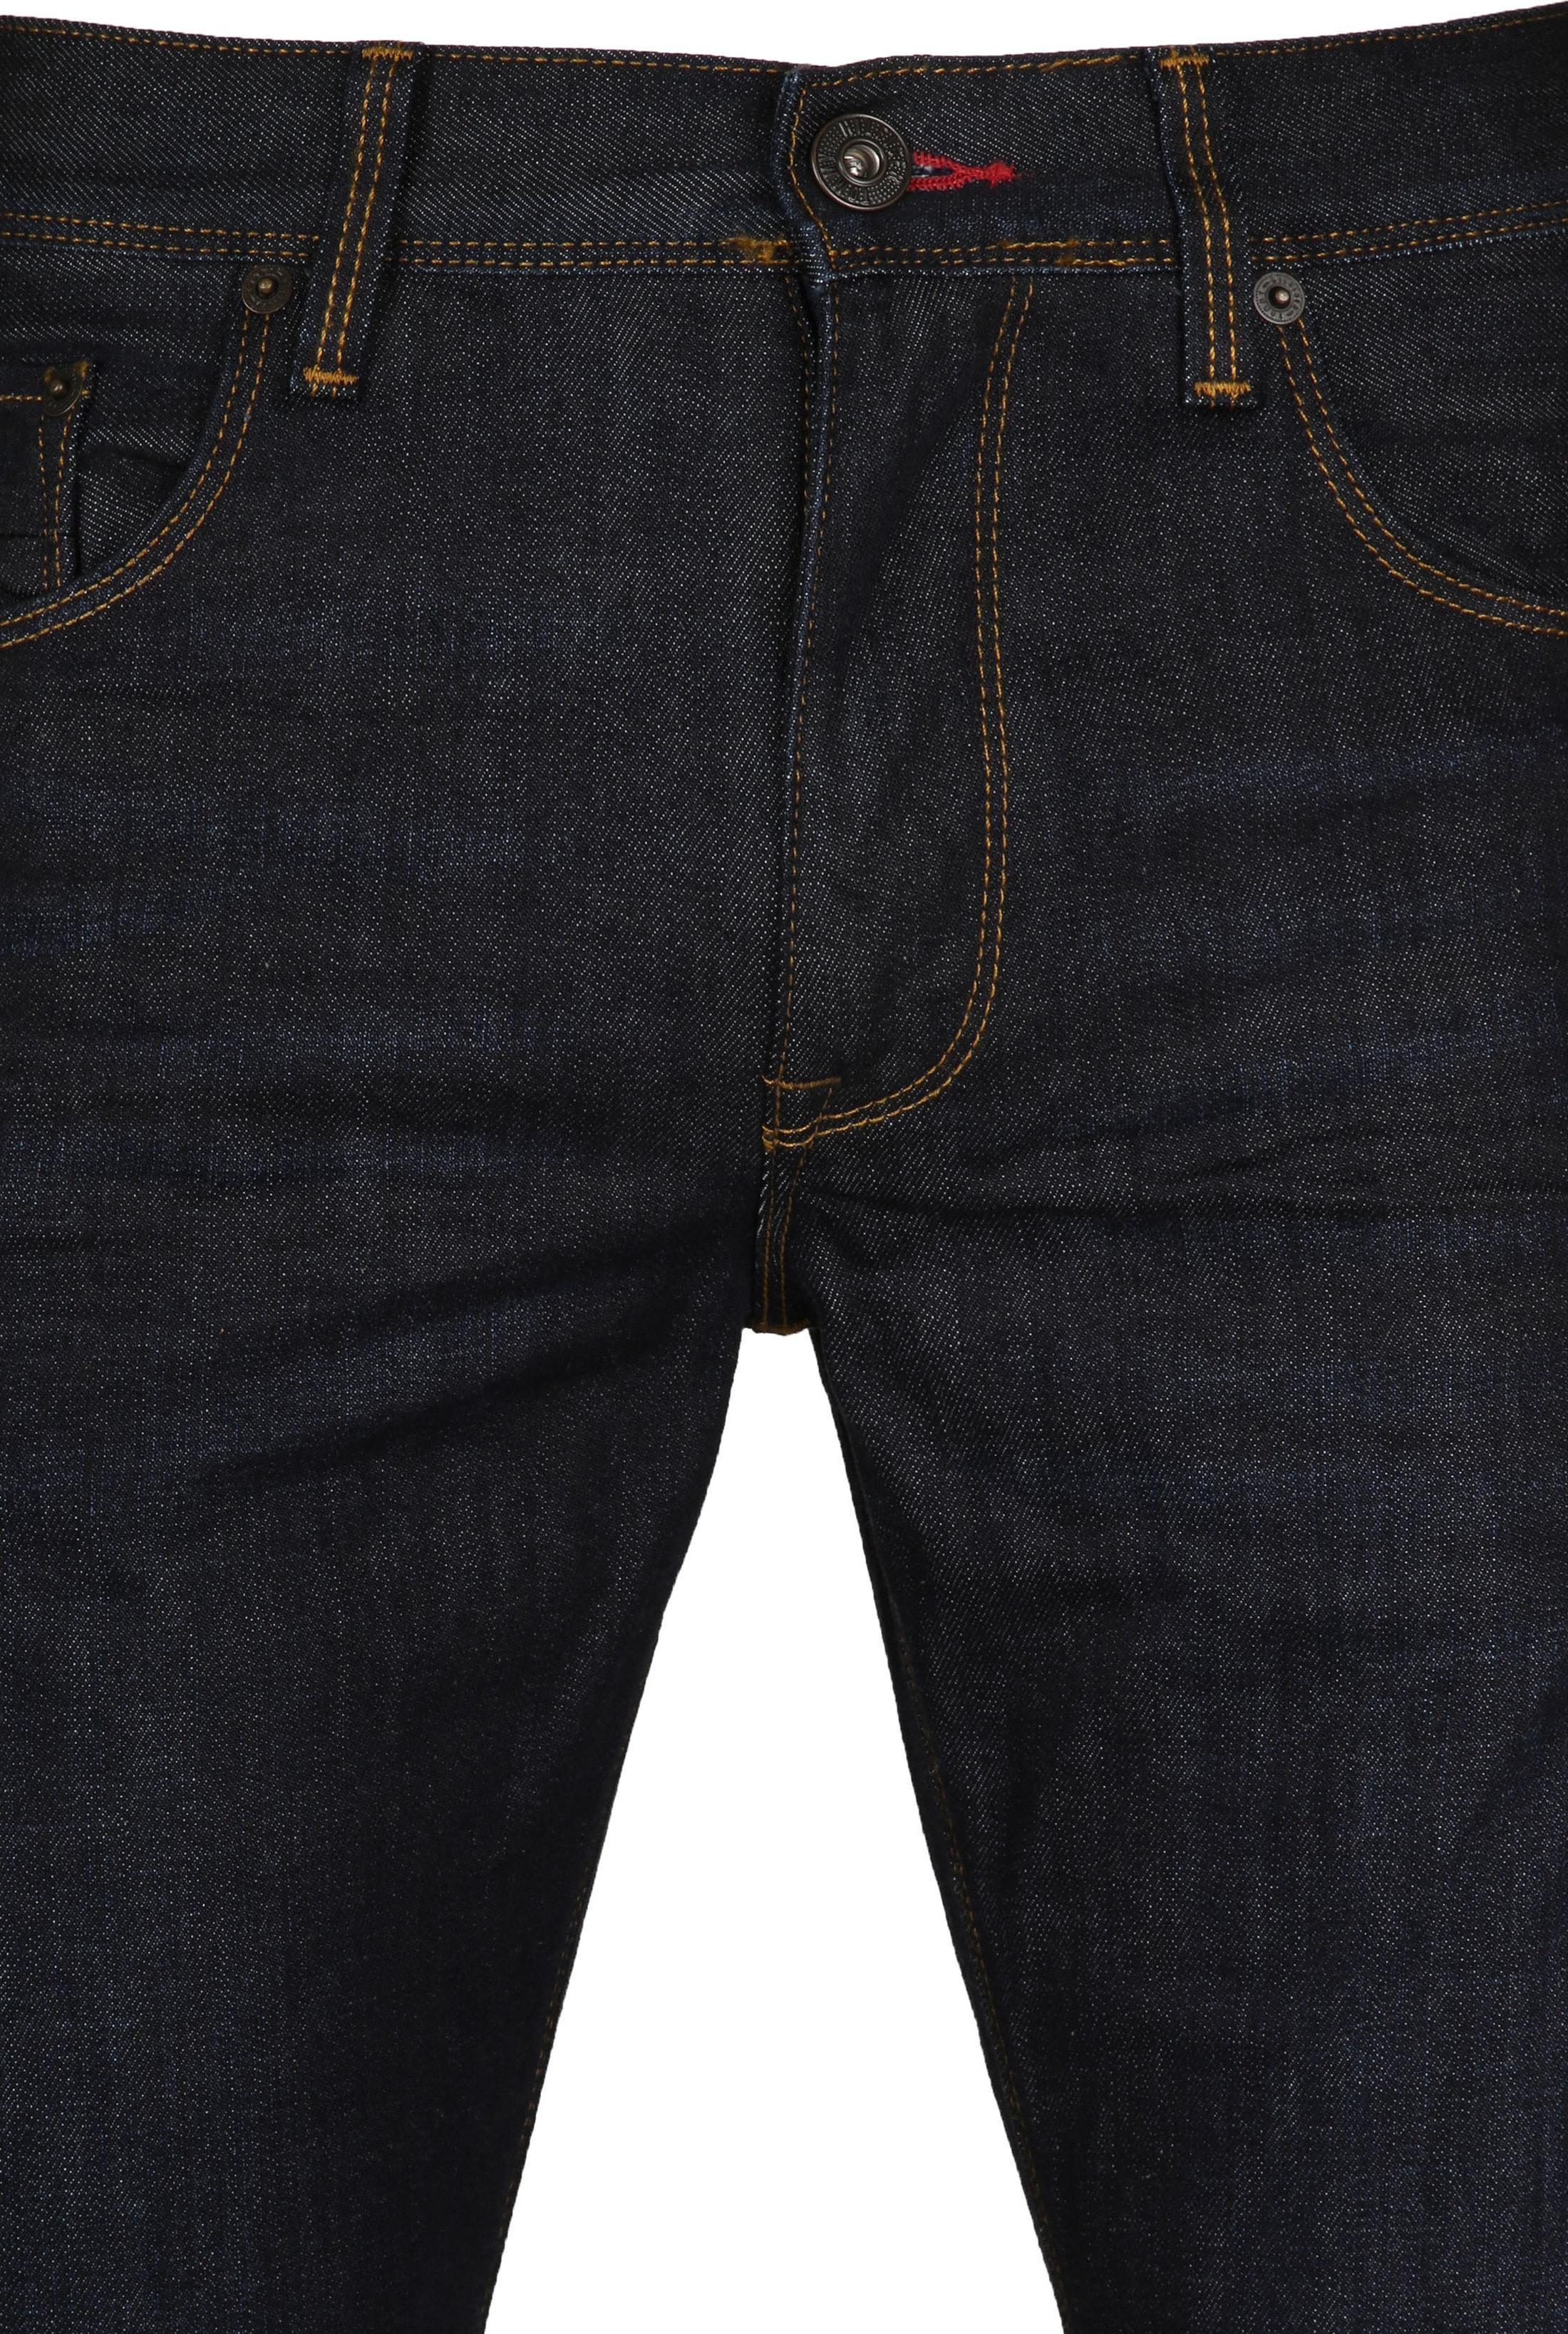 Tommy Hilfiger Mercer Jeans Navy foto 1